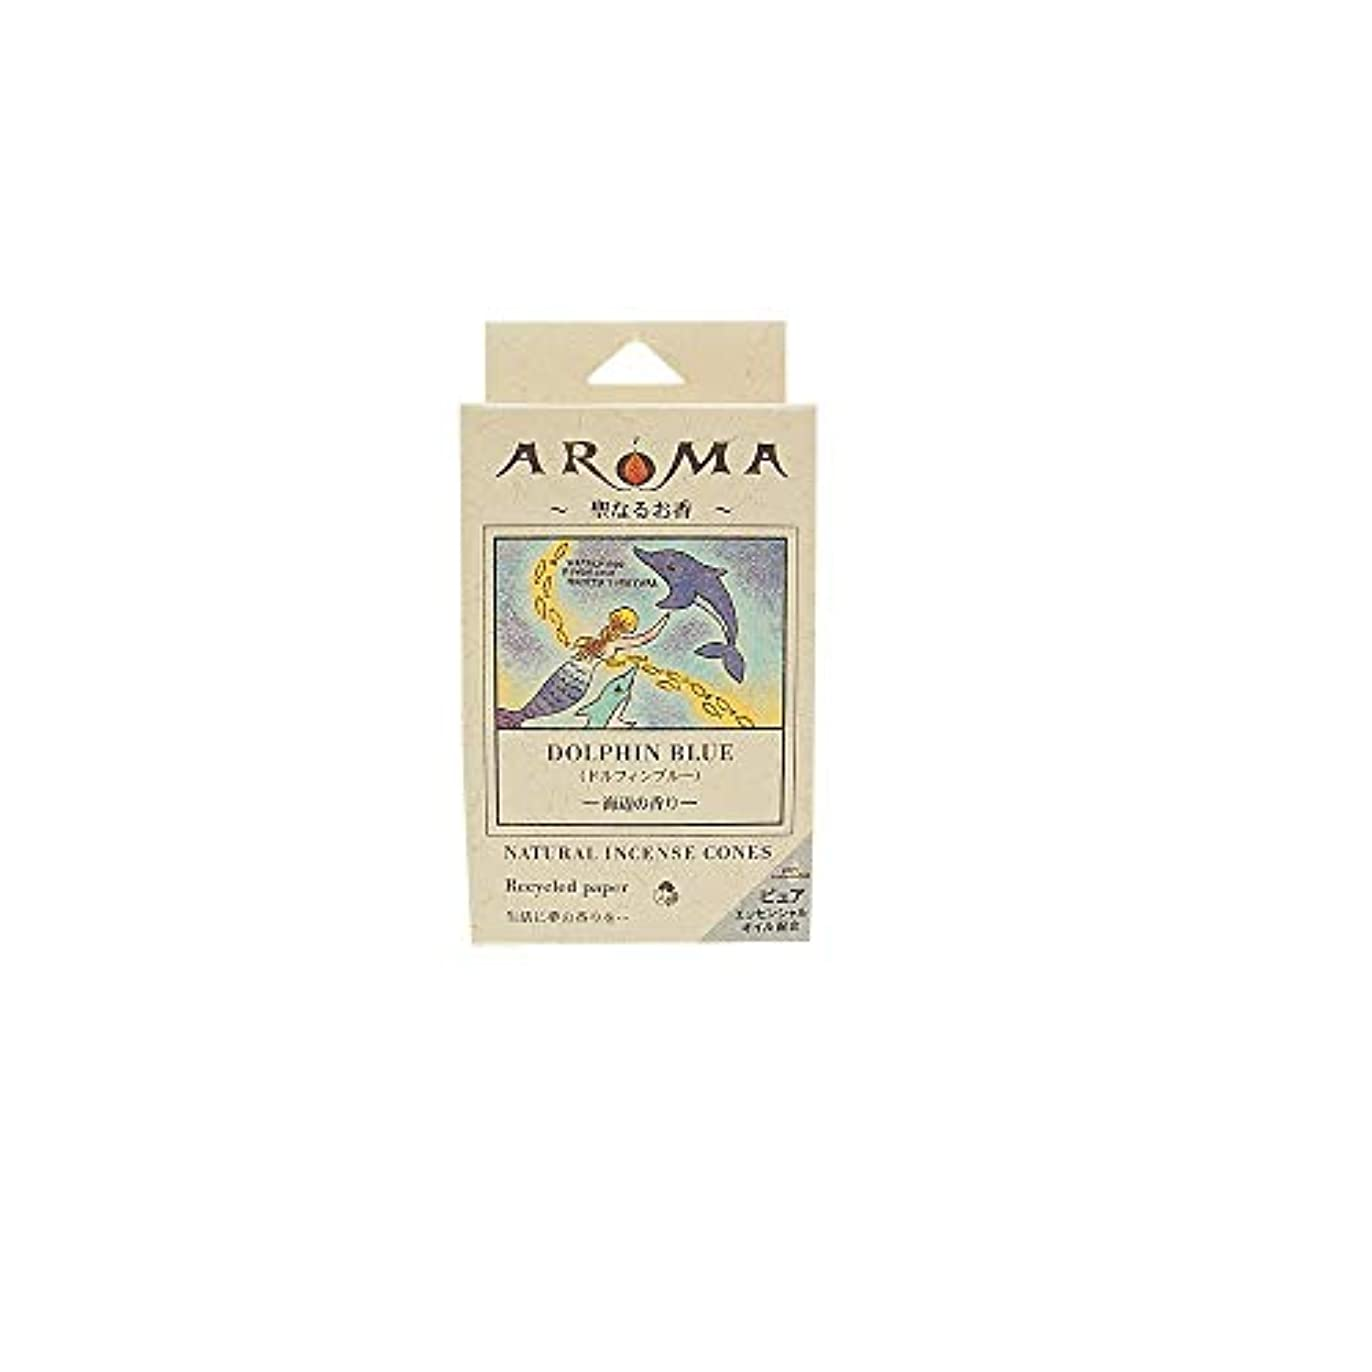 発行除去限りアロマ香 ドルフィンブルー 16粒(コーンタイプインセンス 1粒の燃焼時間約20分 海辺の香り)